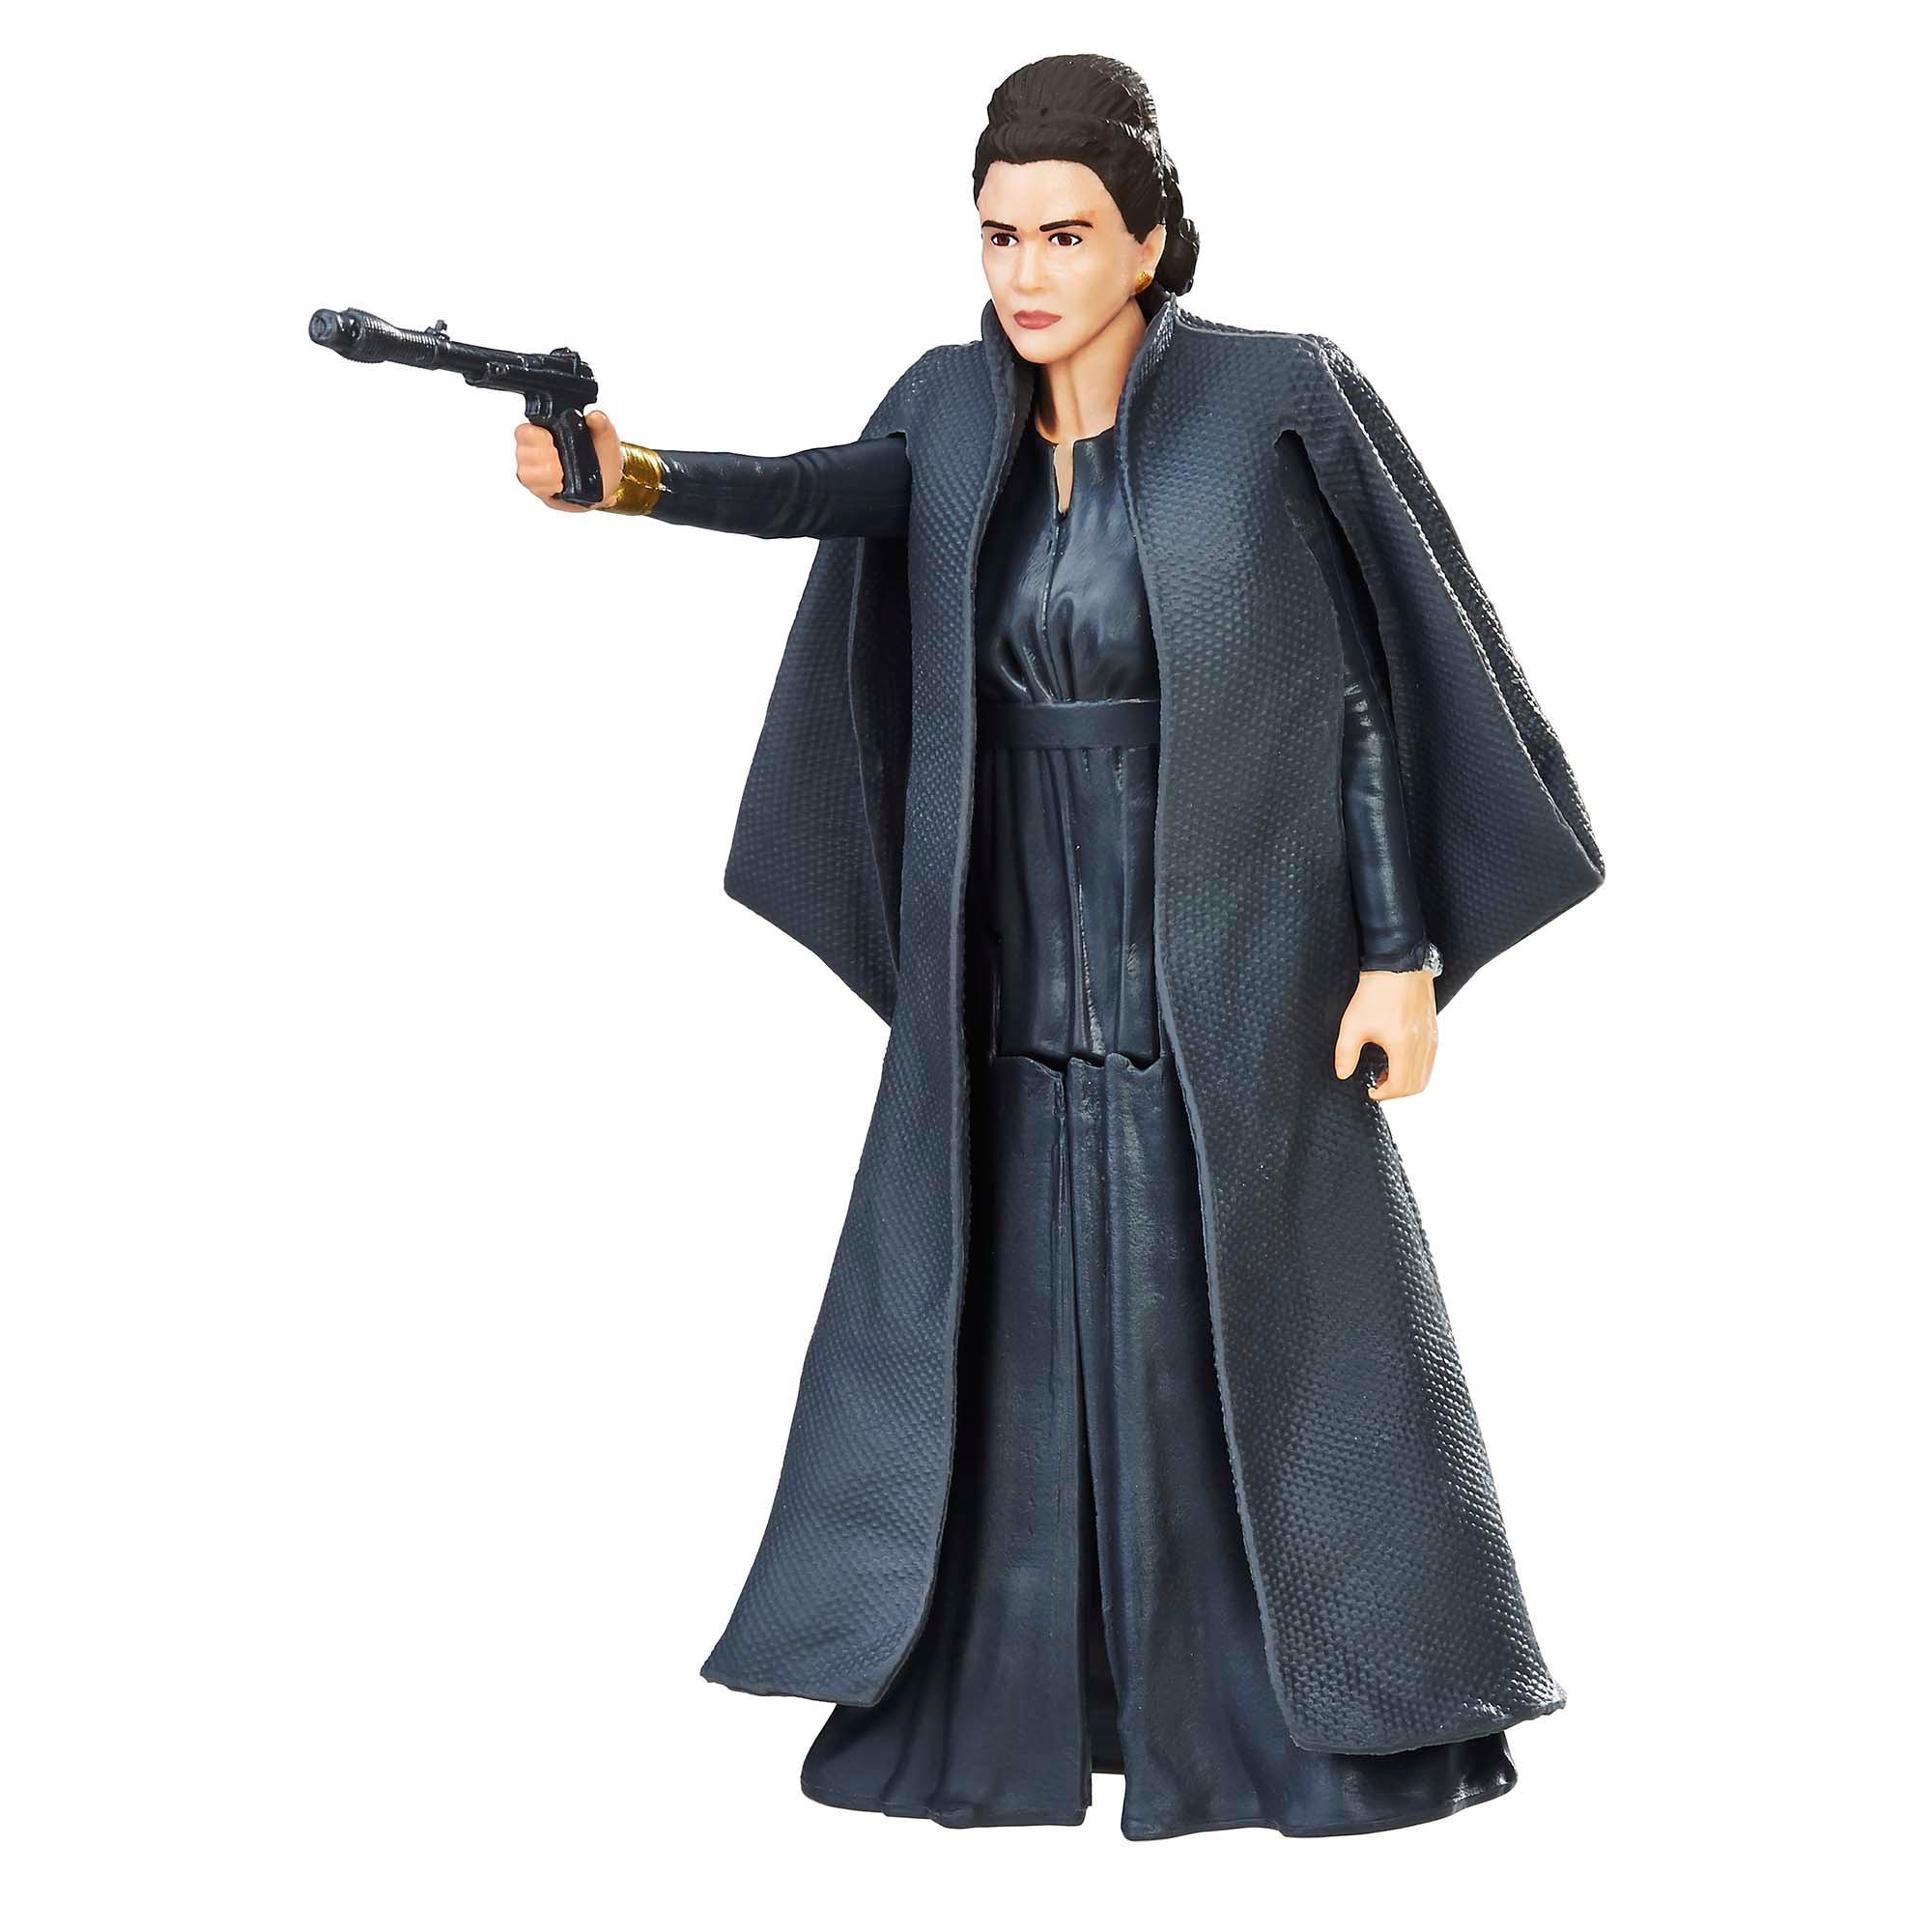 星際大戰電影8 3.75吋基本人物組 General Leia Organa